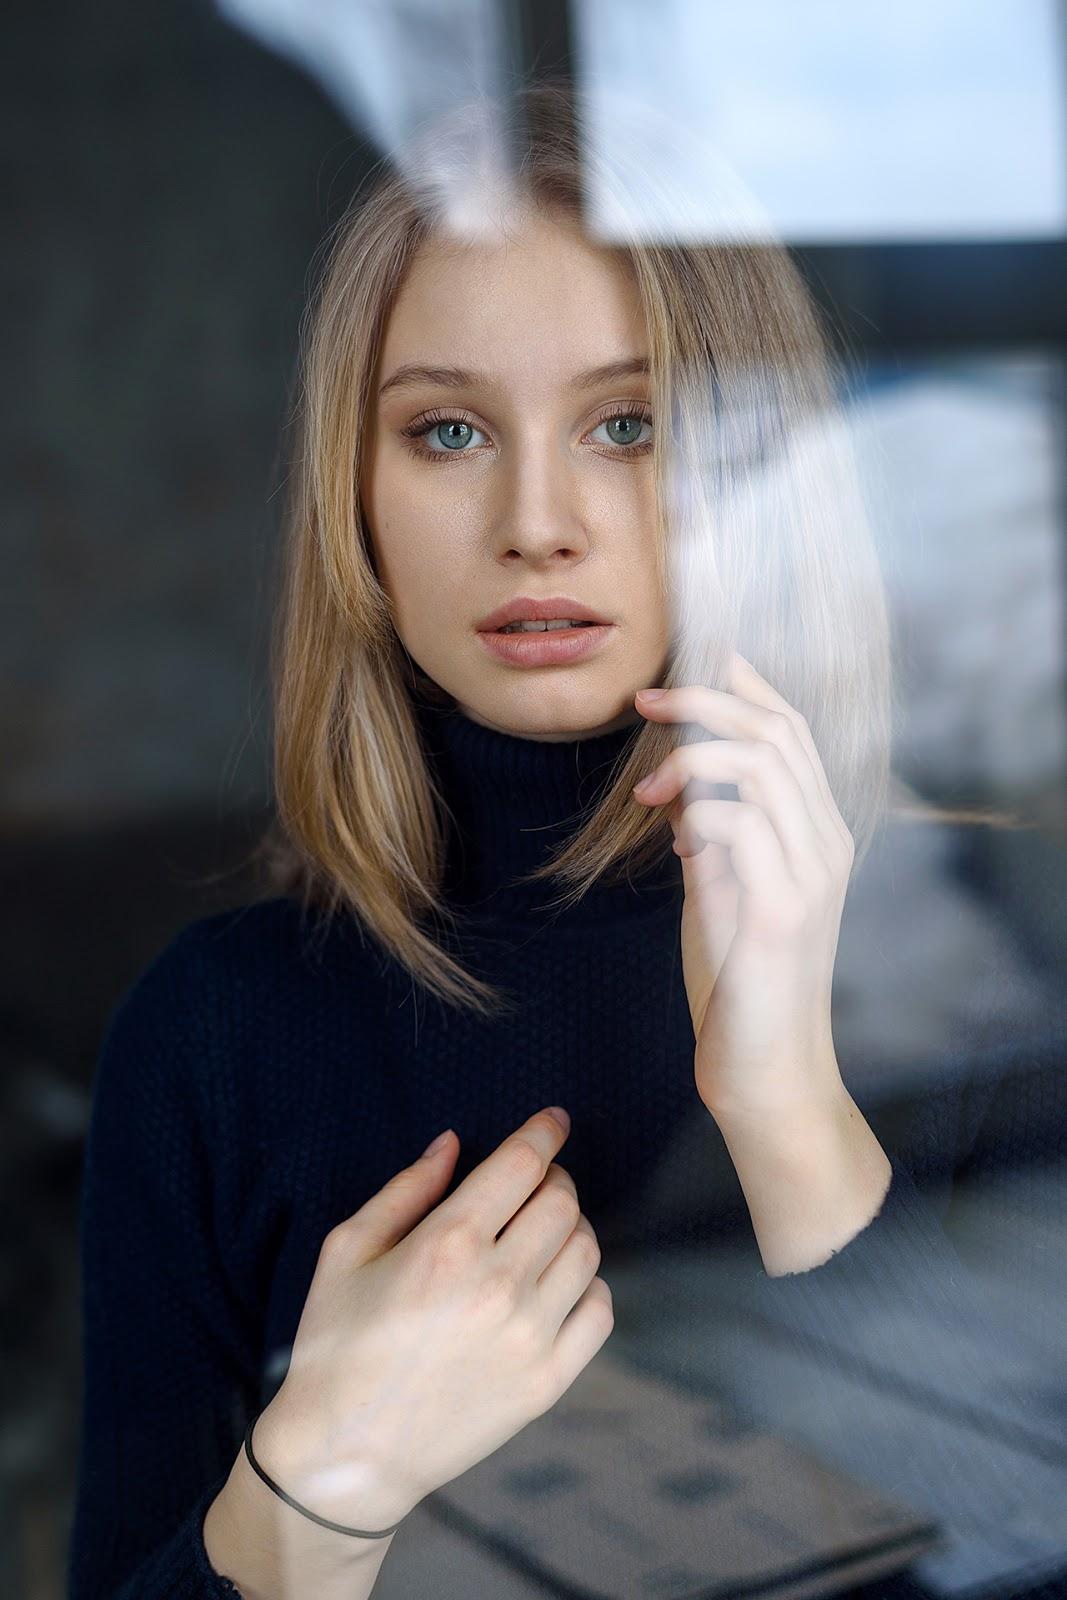 Анастасия. Портрет через стекло